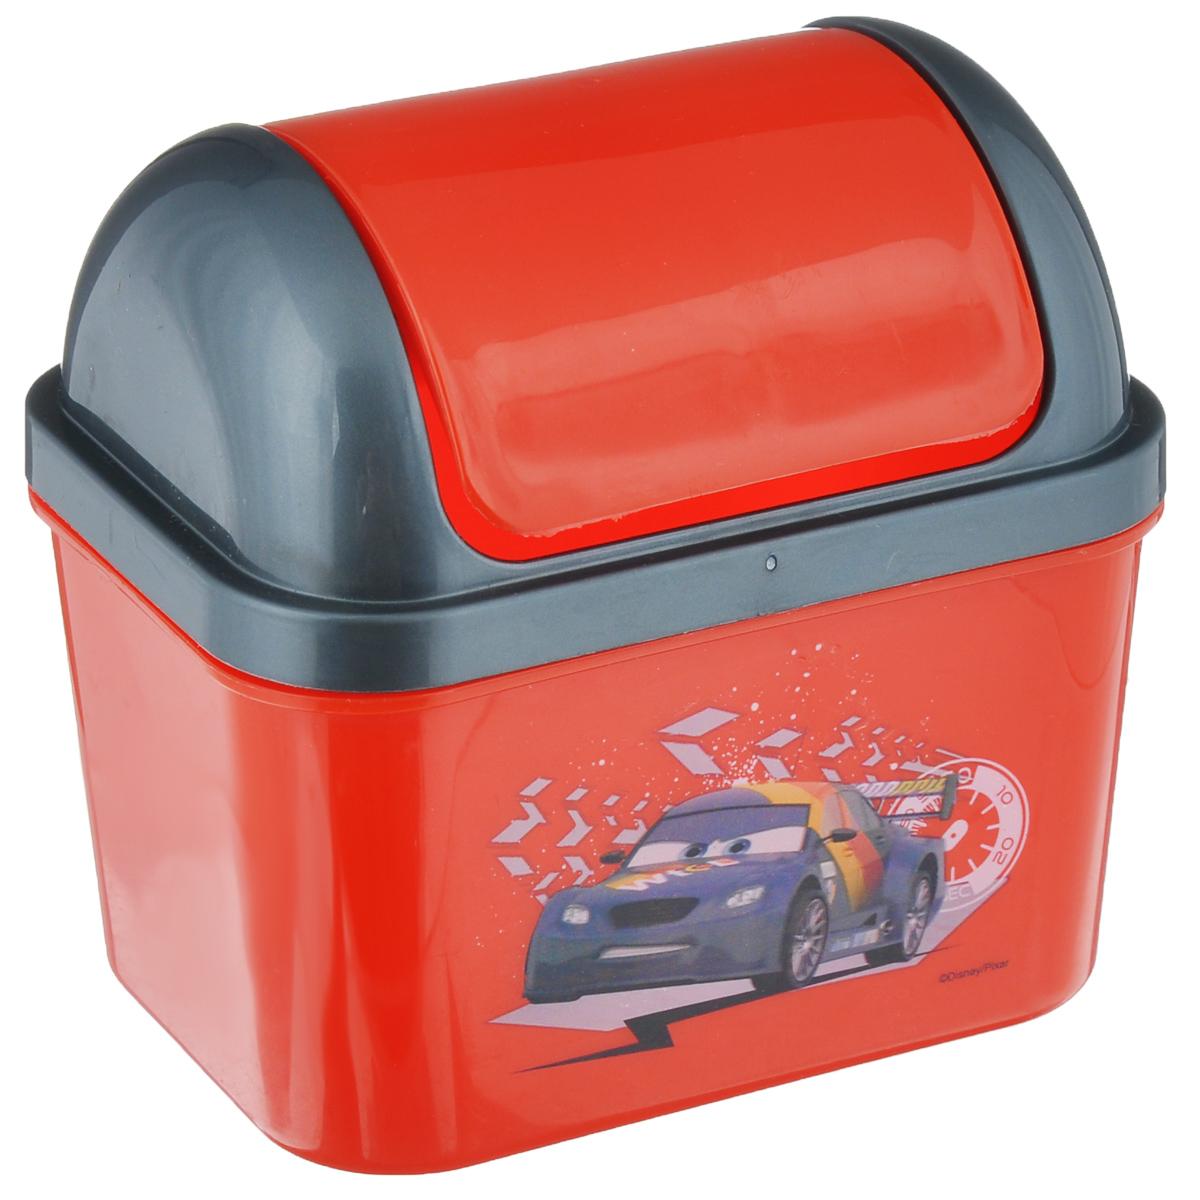 Контейнер для мусора Полимербыт Тачки, 0,5С49077Детский контейнер для мусора Полимербыт Тачки выполнен из высококачественного пластика и украшен изображением героя мультфильма. Изделие оснащено плавающей крышкой. Такой контейнер подойдет для выбрасывания небольших отходов, таких как бумага, стружка карандаша, фантики. Размер контейнера с учетом крышки: 11,5 см х 8,5 см х 11 см. Размер контейнера с без учета крышки: 11,5 см х 8,5 см х 7 см.